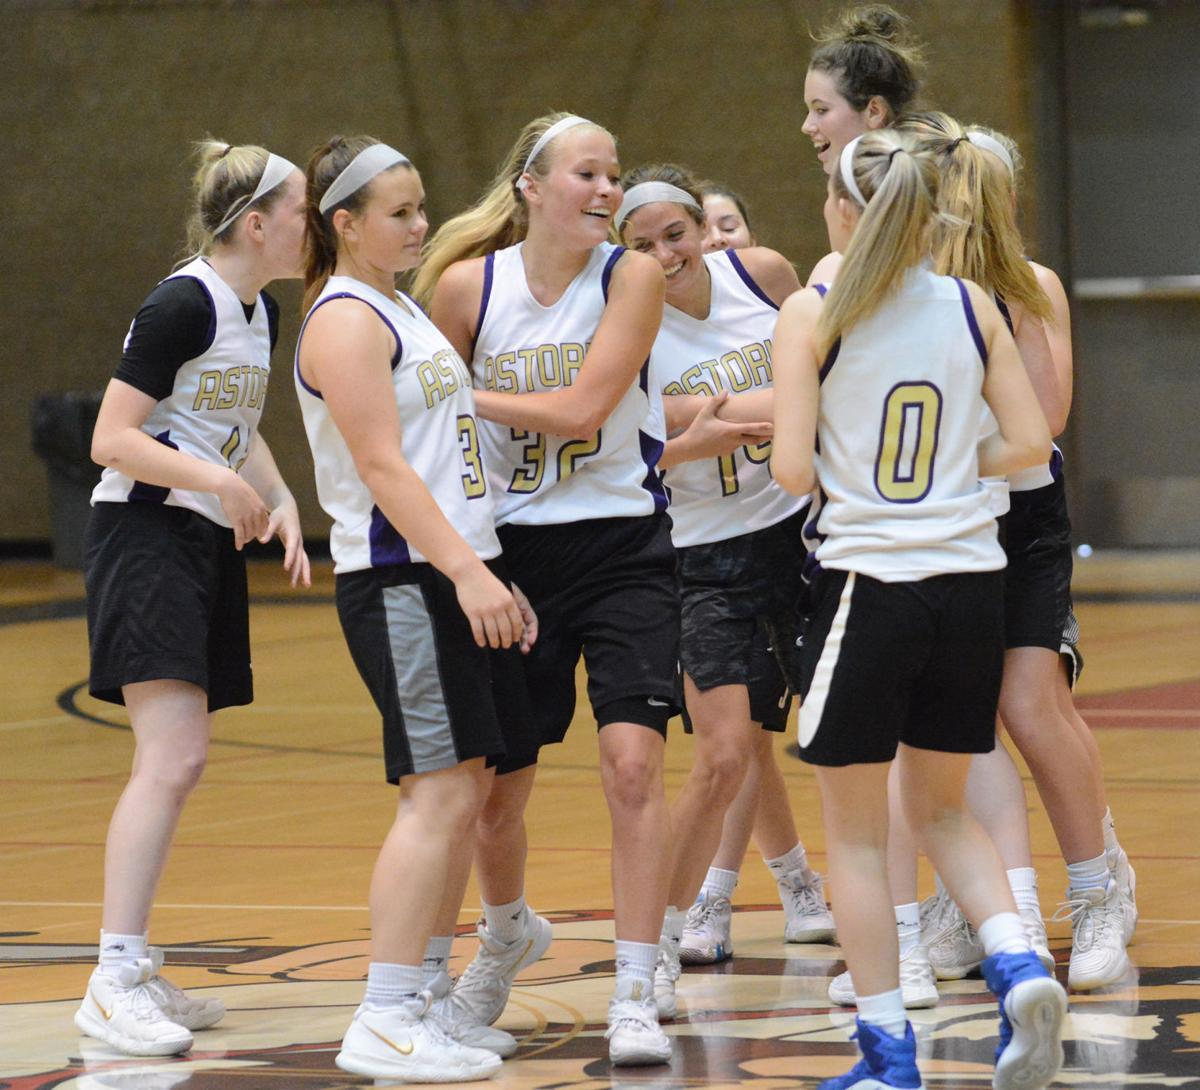 Astoria girls basketball team